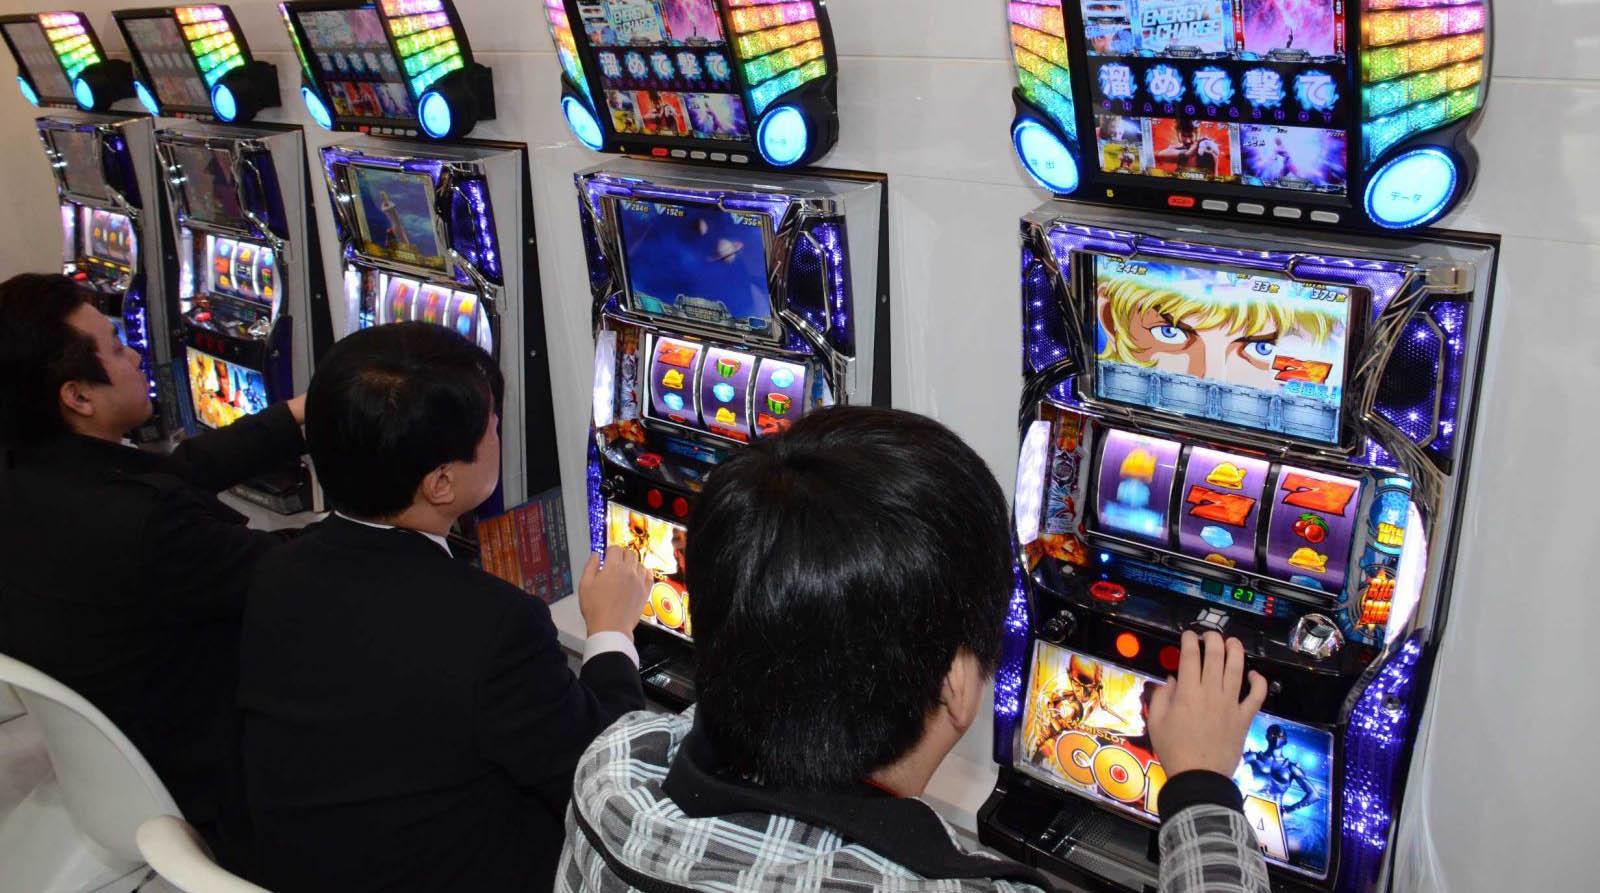 パチスロとオンラインカジノはどちらが勝ちやすいのか